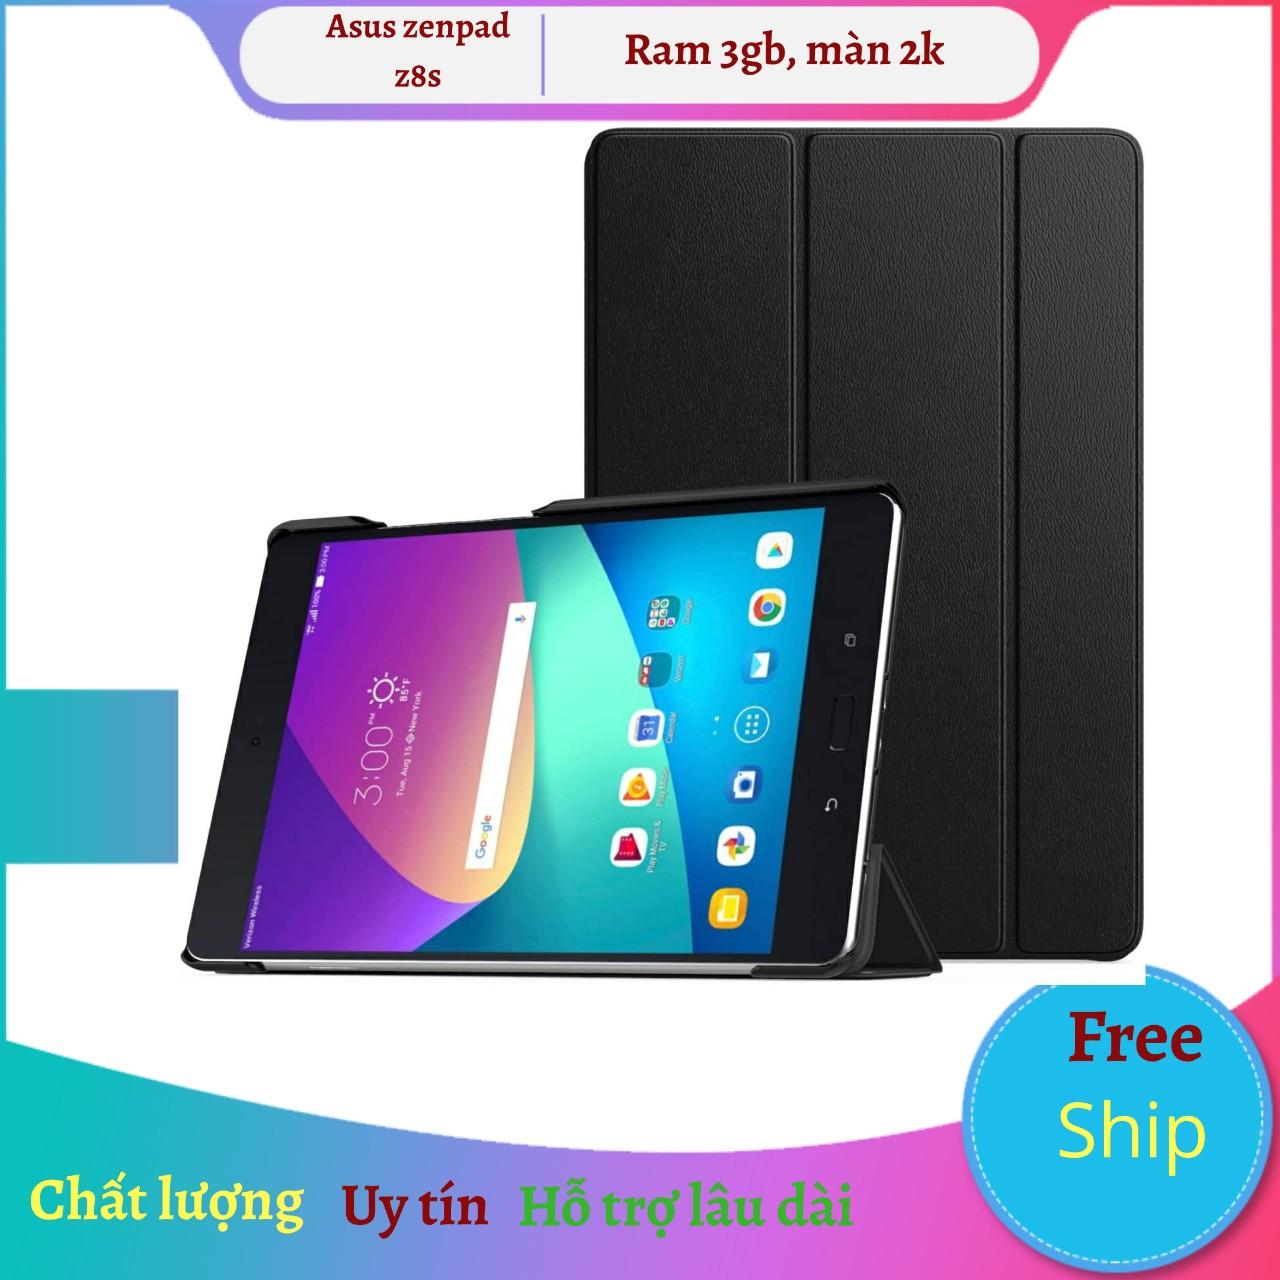 Máy tính bảng Zenpad Z8s wifi, màn hình 2K 7.9 Inch, Android 7.0, chip Snapdragon 652, tặng dán 3 lớp, Khăn lau, Phần mềm bản quyền tienganh123, luyên thi 123.